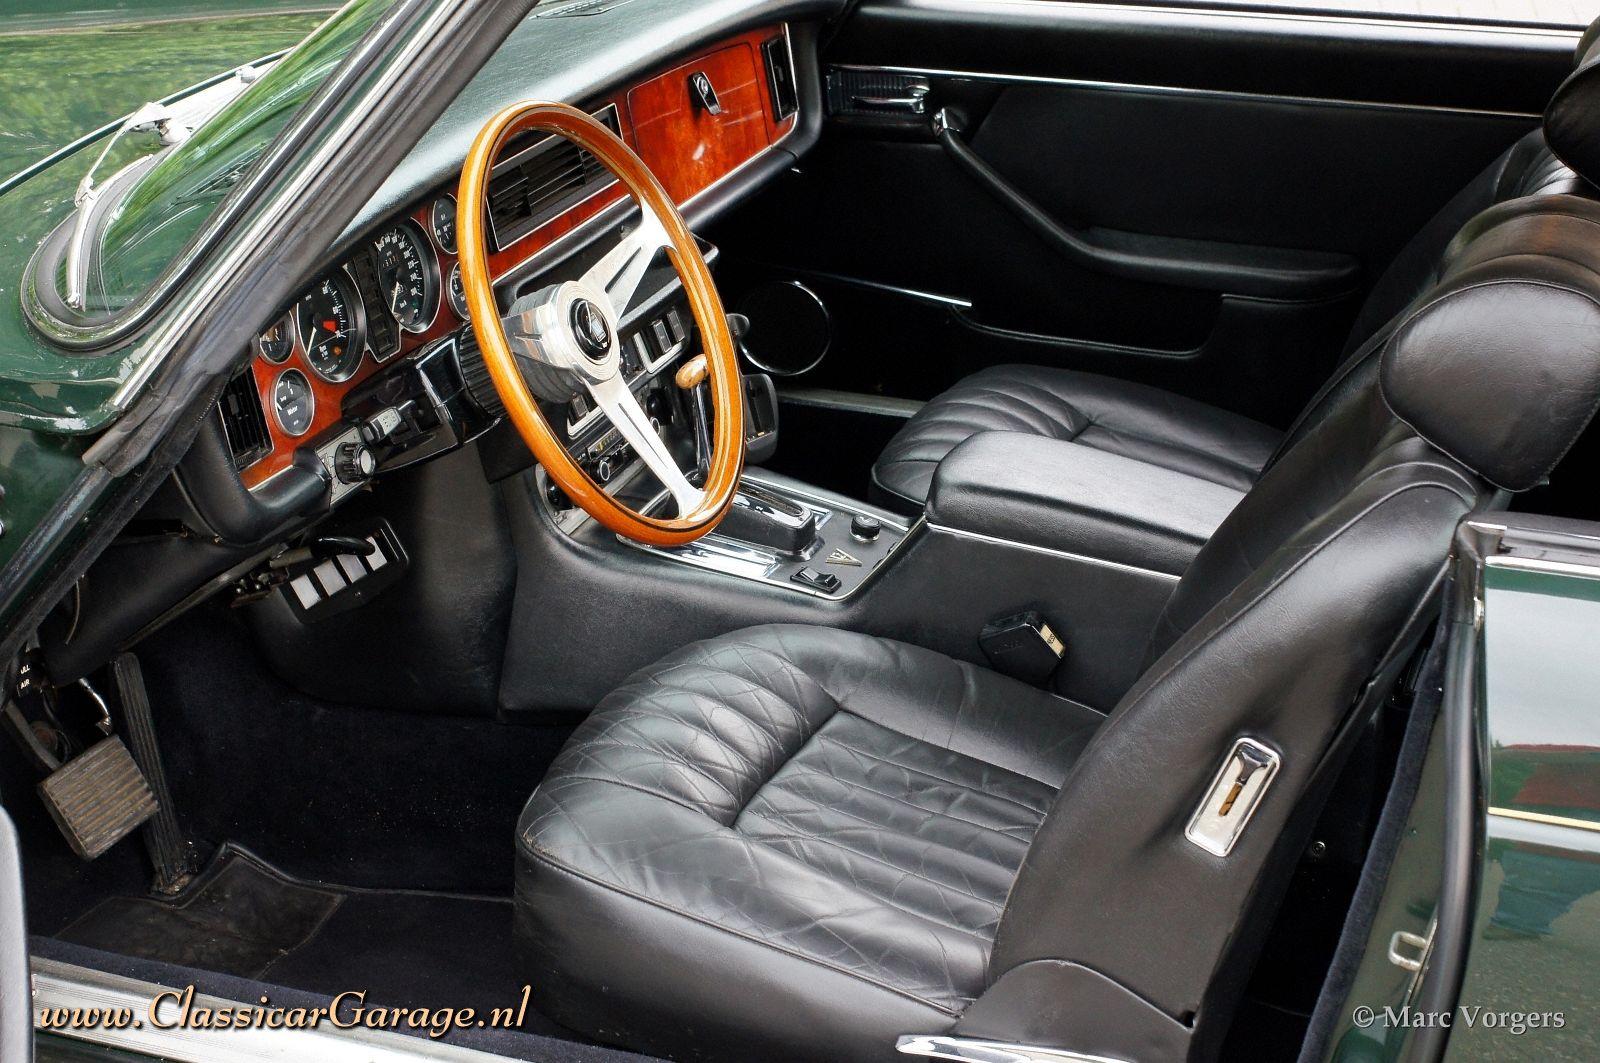 Jaguar Xj C V12 1977 Details